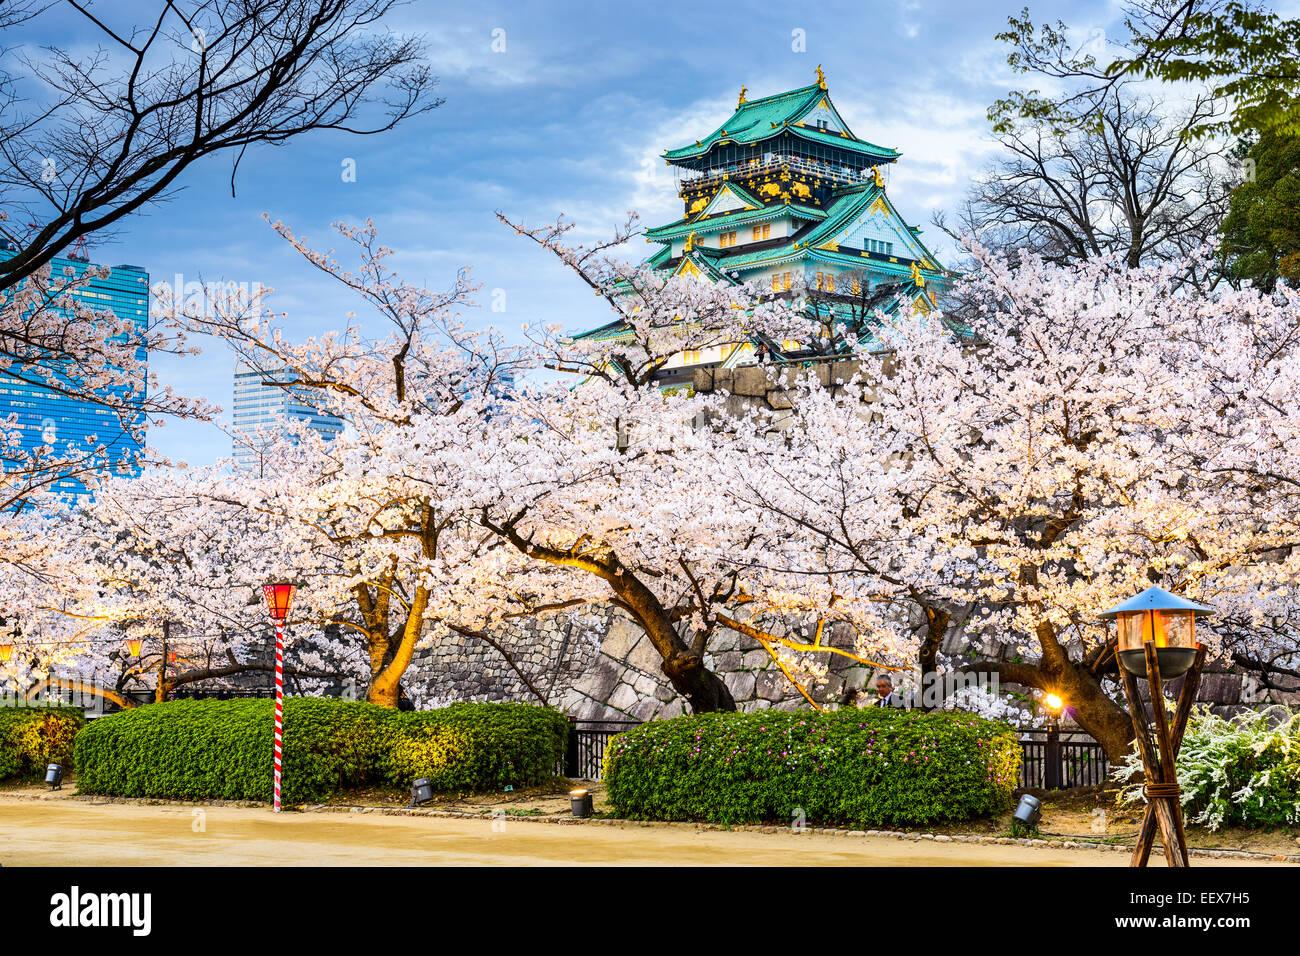 Osaka, Japón, en el Castillo de Osaka durante la temporada de primavera. Imagen De Stock